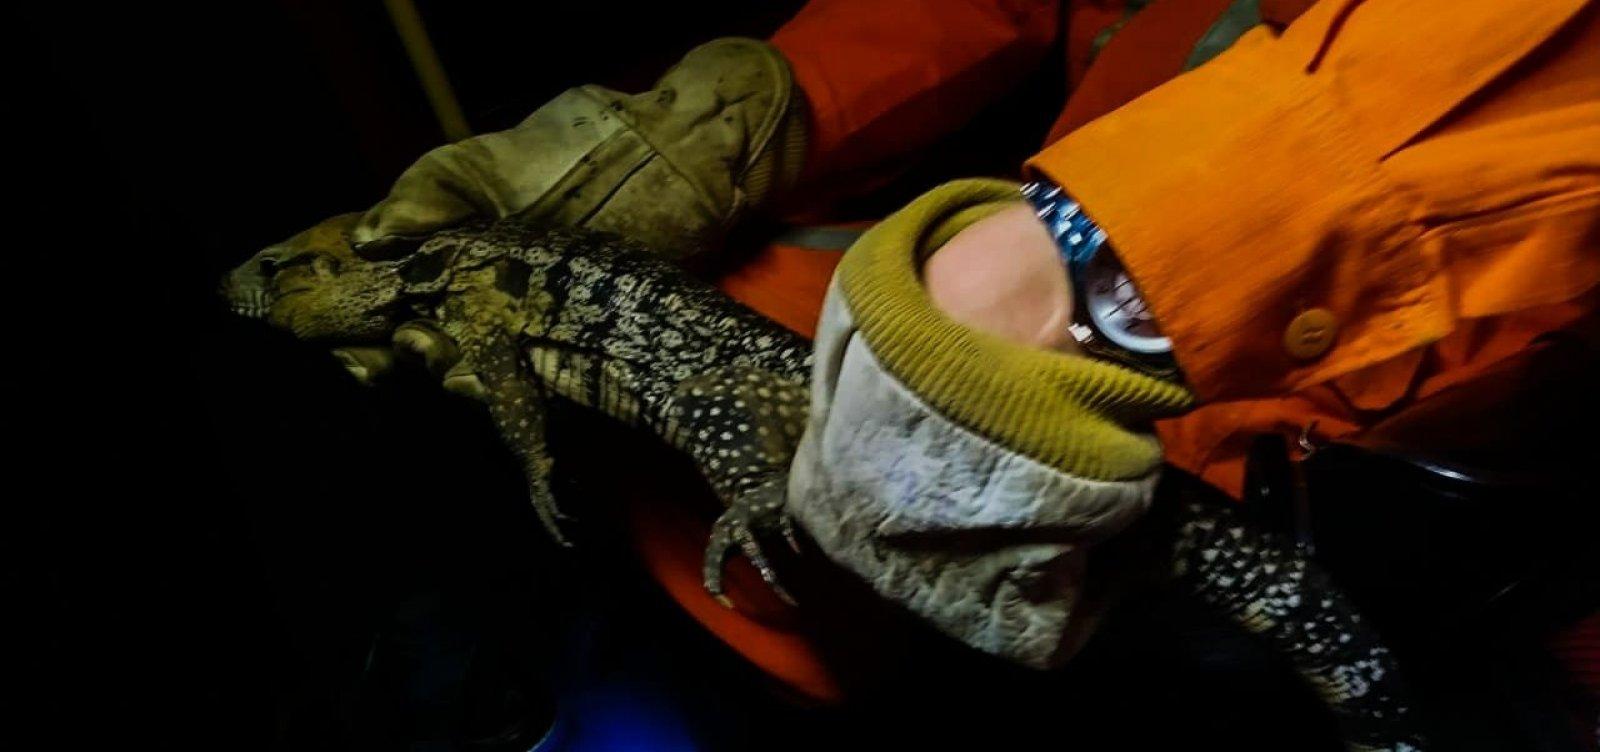 Teiú aparece debaixo de carro e é resgatado por bombeiros